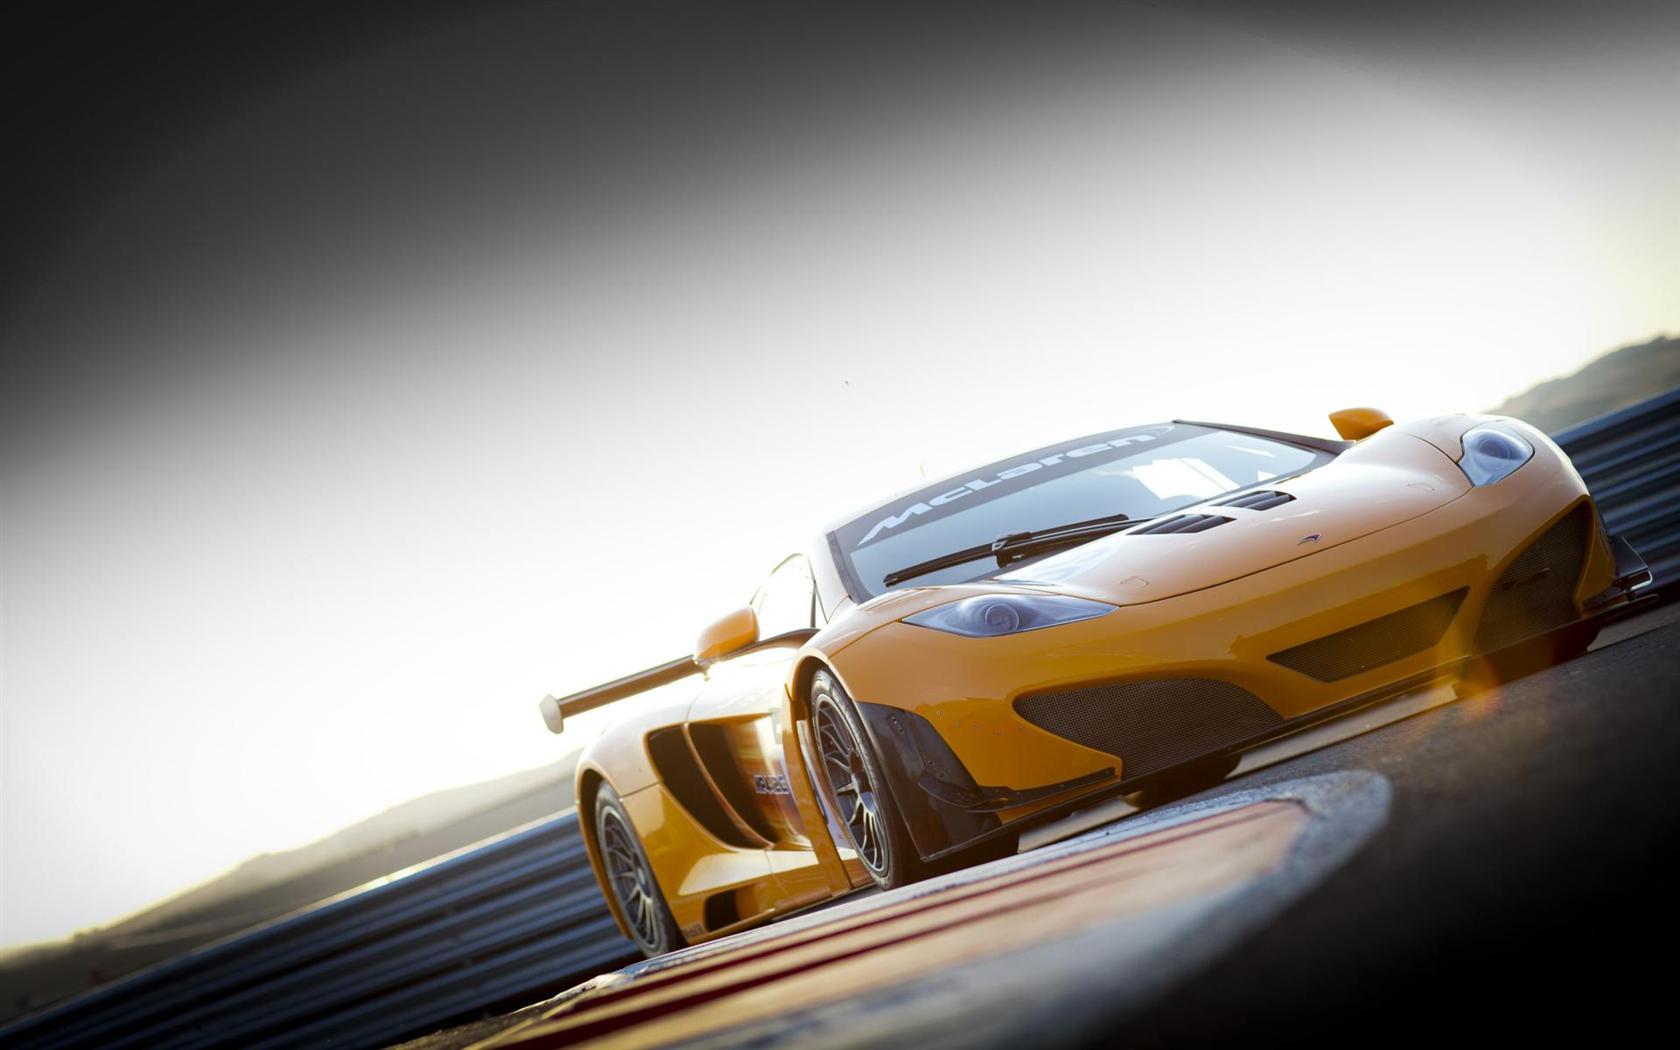 желтый спортивный автомобиль McLaren MP4 12C GT3  № 667595 без смс